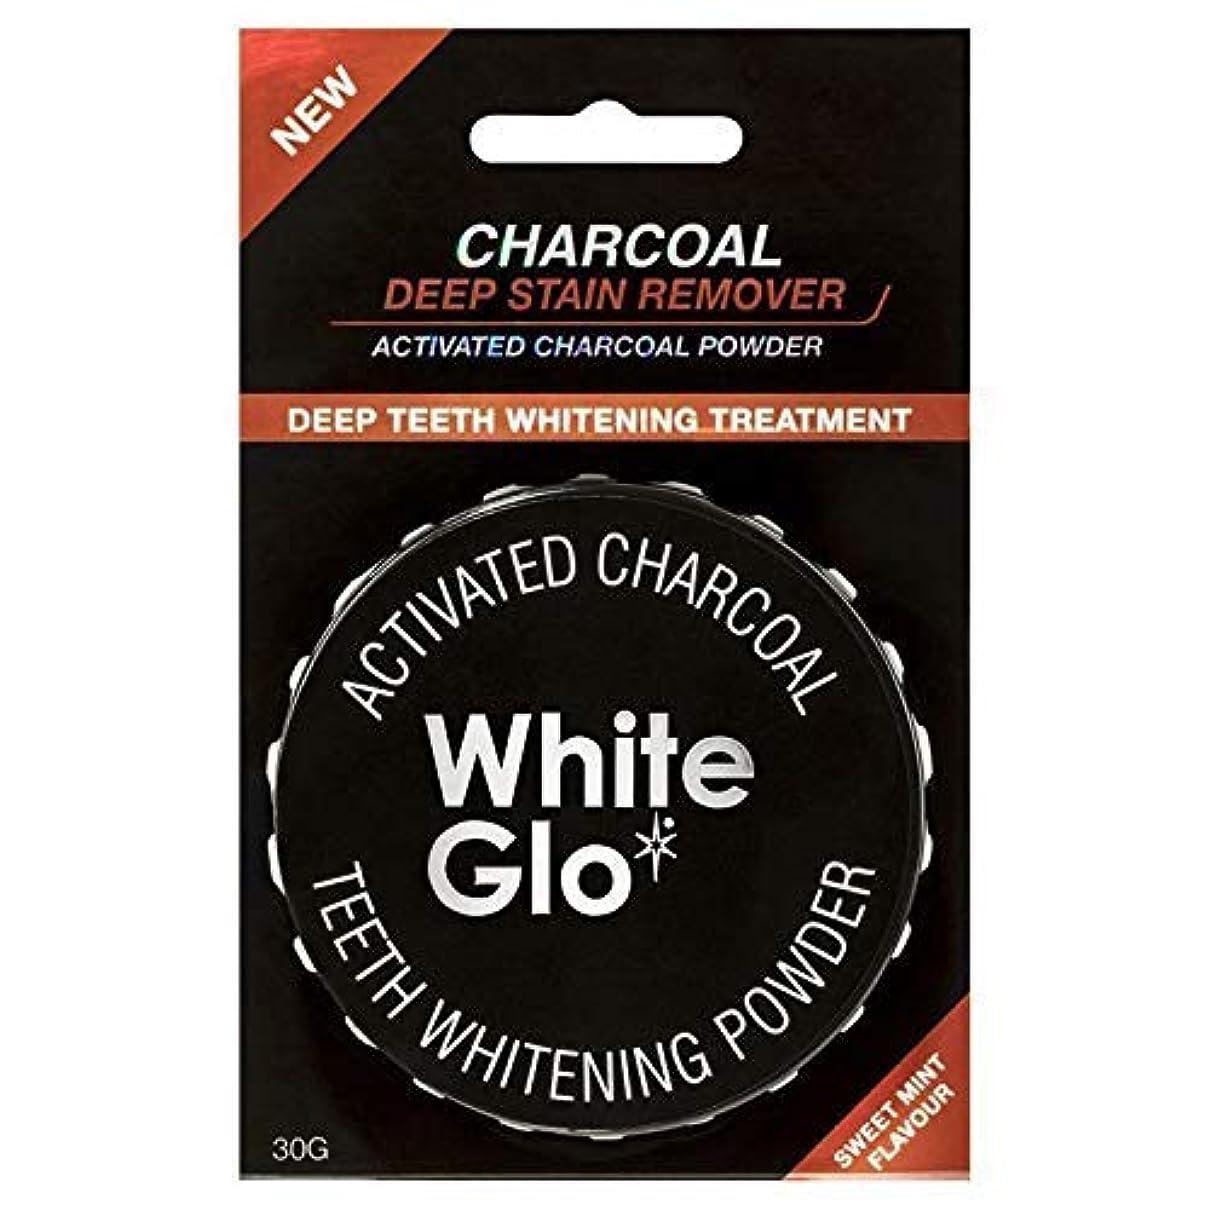 起点モールエラーTeeth Whitening Systems White Glo Activated Charcoal Teeth Whitening Powder 30g Australia / システムを白くする歯を白くする歯の粉...